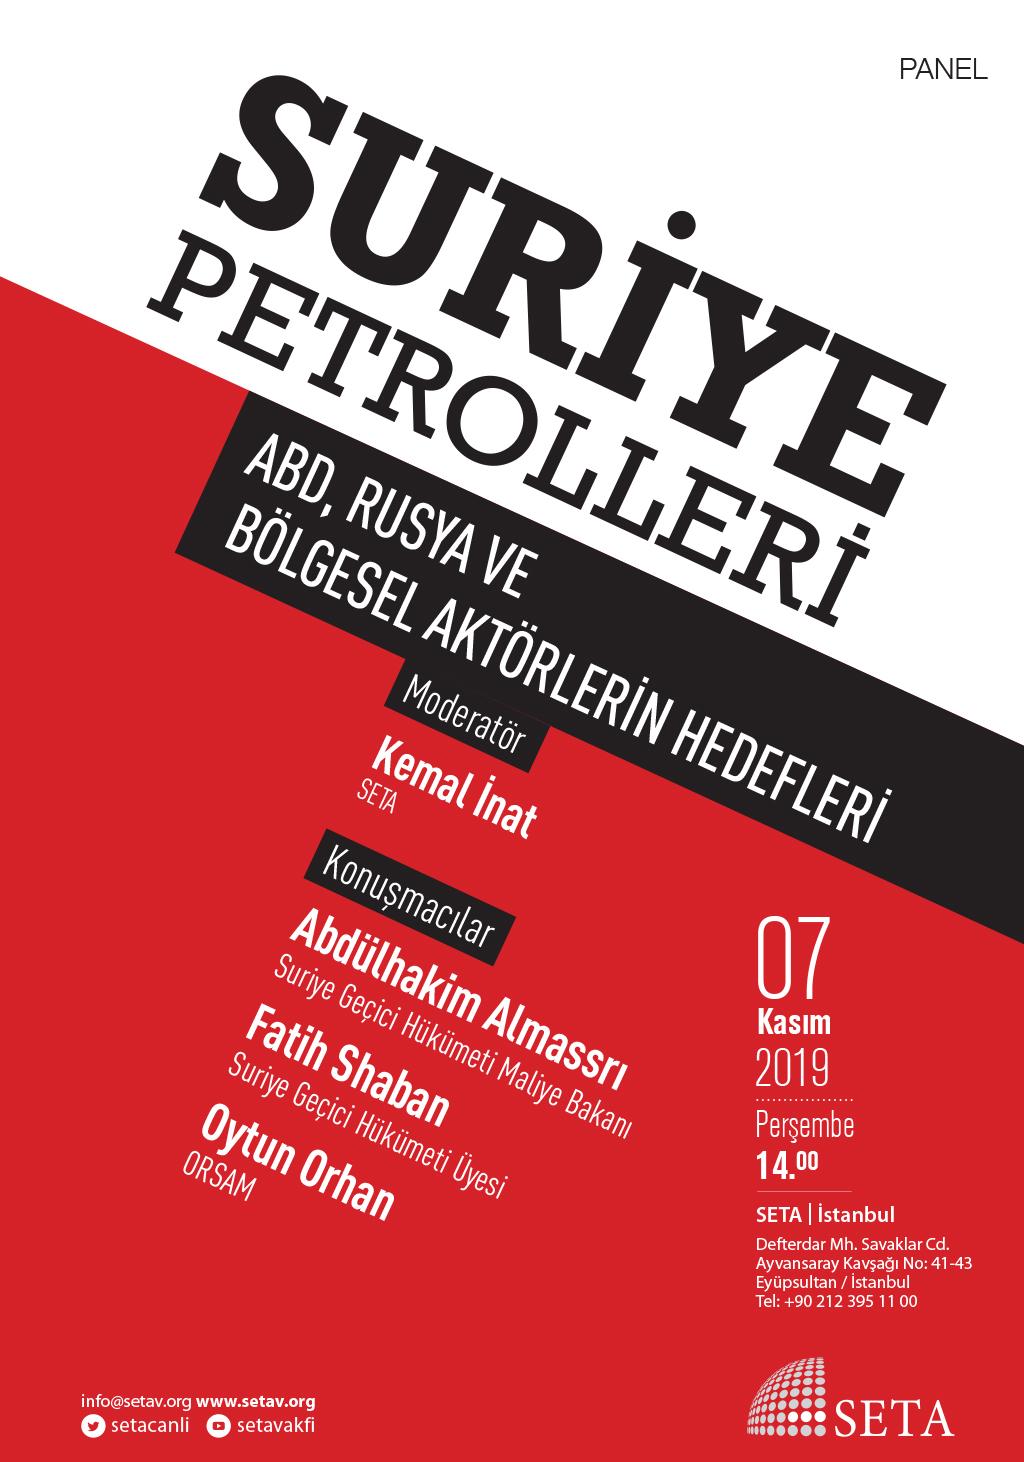 Panel: Suriye Petrolleri | ABD, Rusya ve Bölgesel Aktörlerin Hedefleri